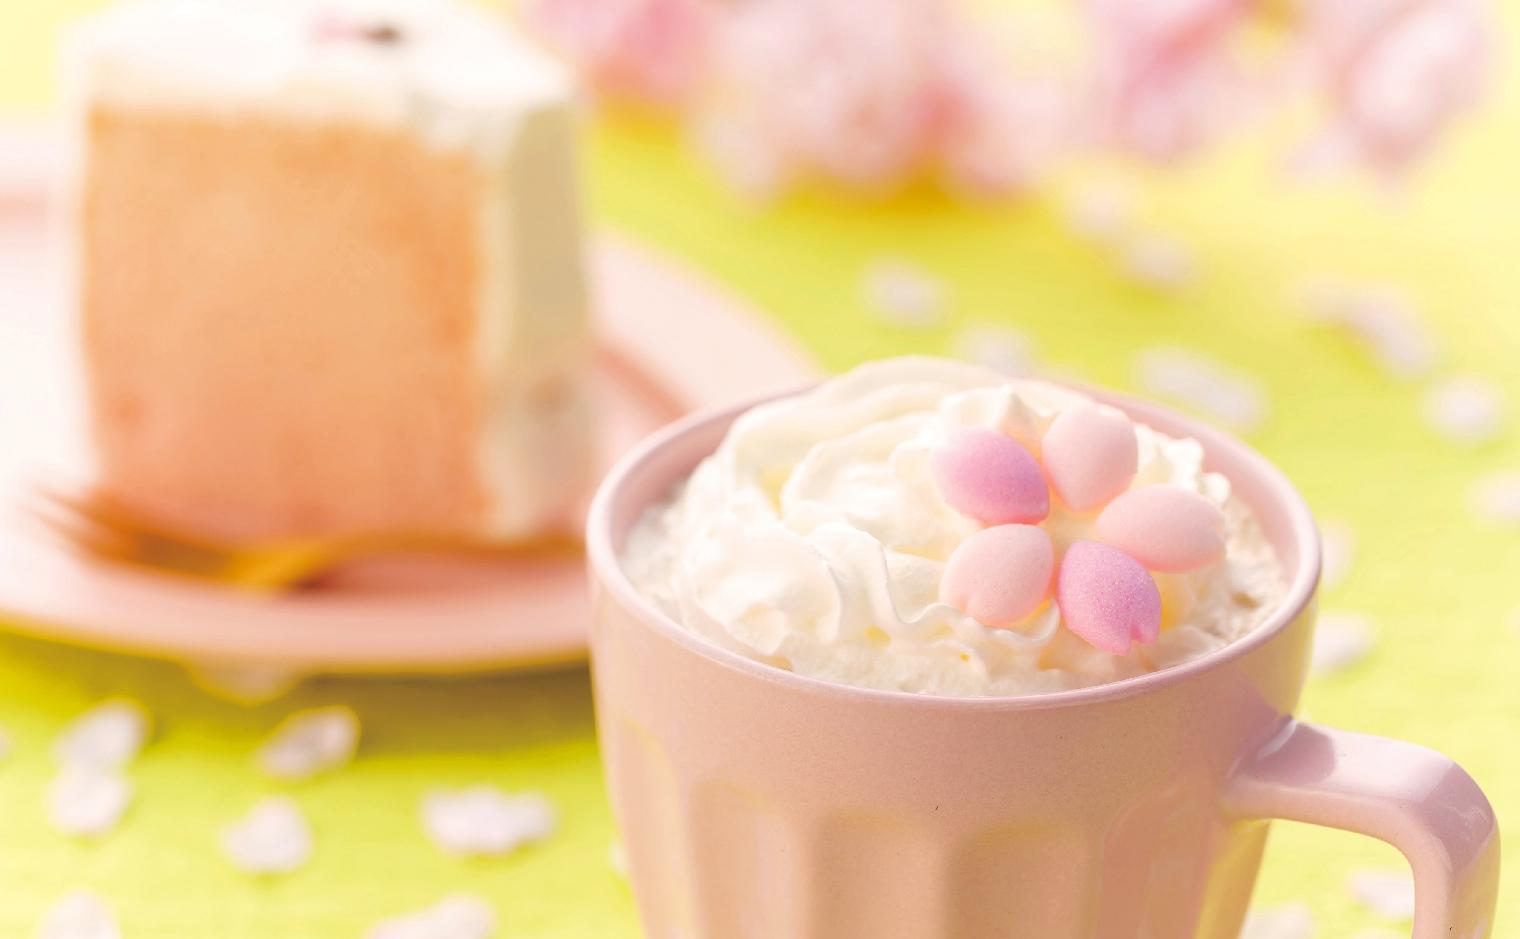 デザインシュガー,物語のある砂糖,かわいい,可愛い,角砂糖,さくら,桜,ひらり,春